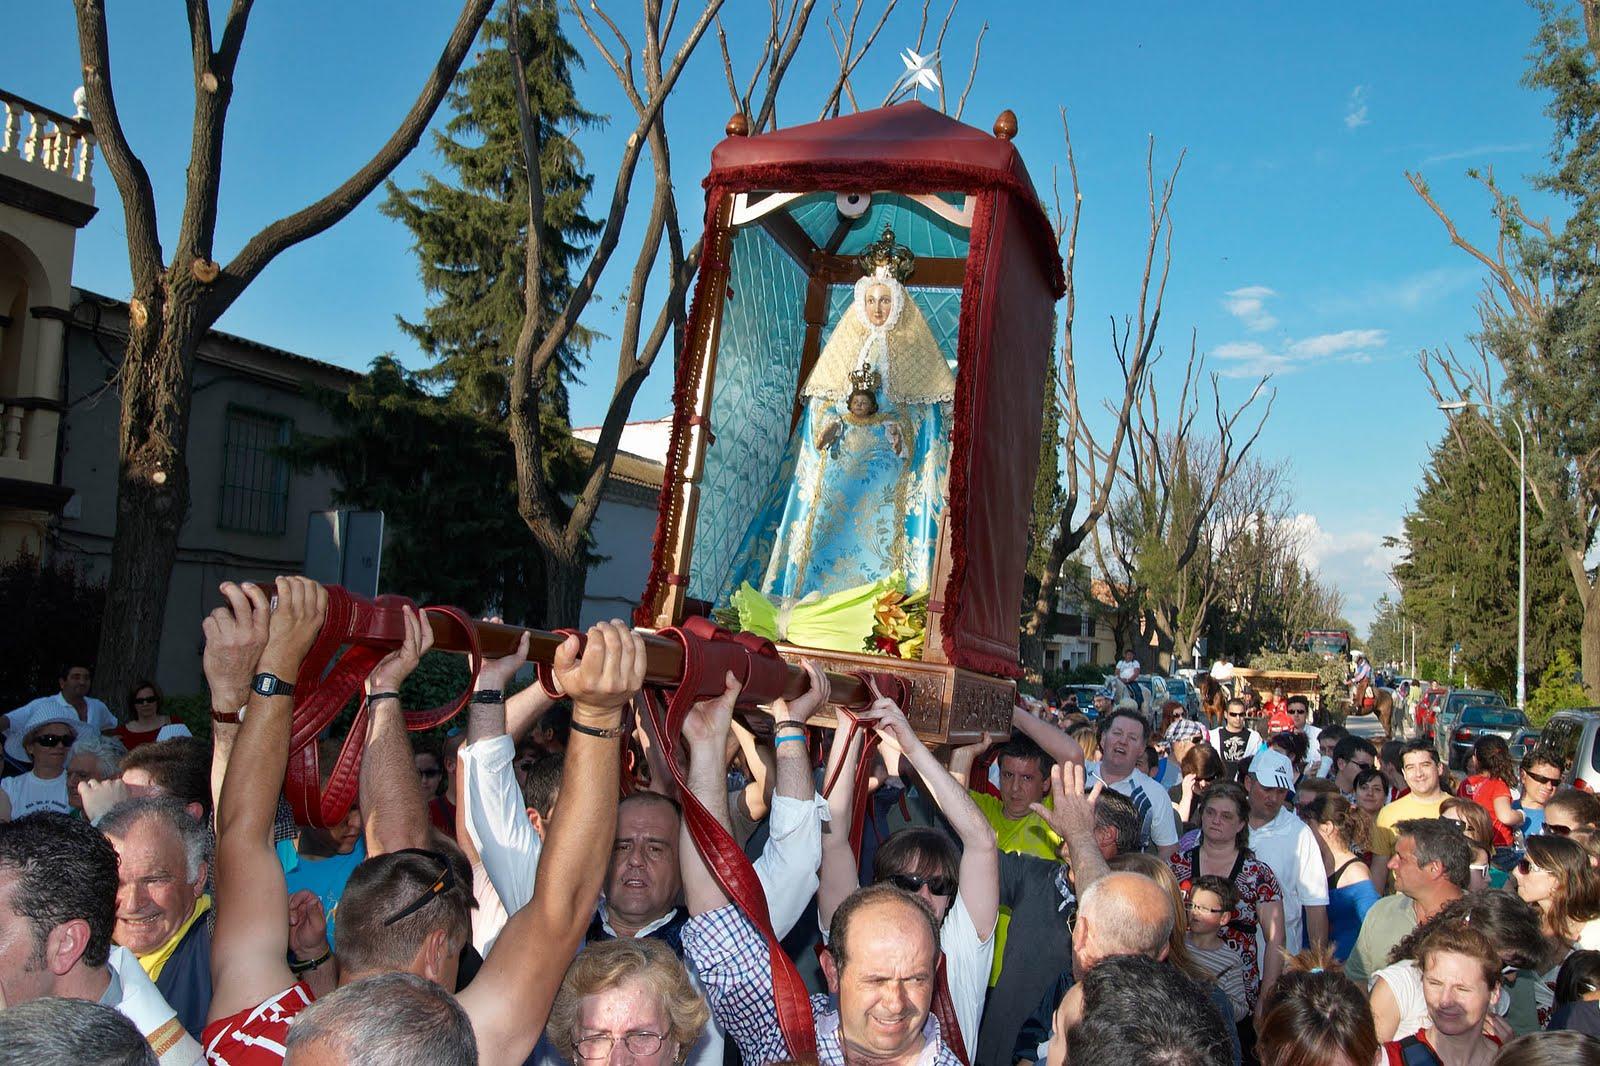 Aparece en un Muro: Virgen de Peñarroya, España (últ dgo abr, 2º dom sep)